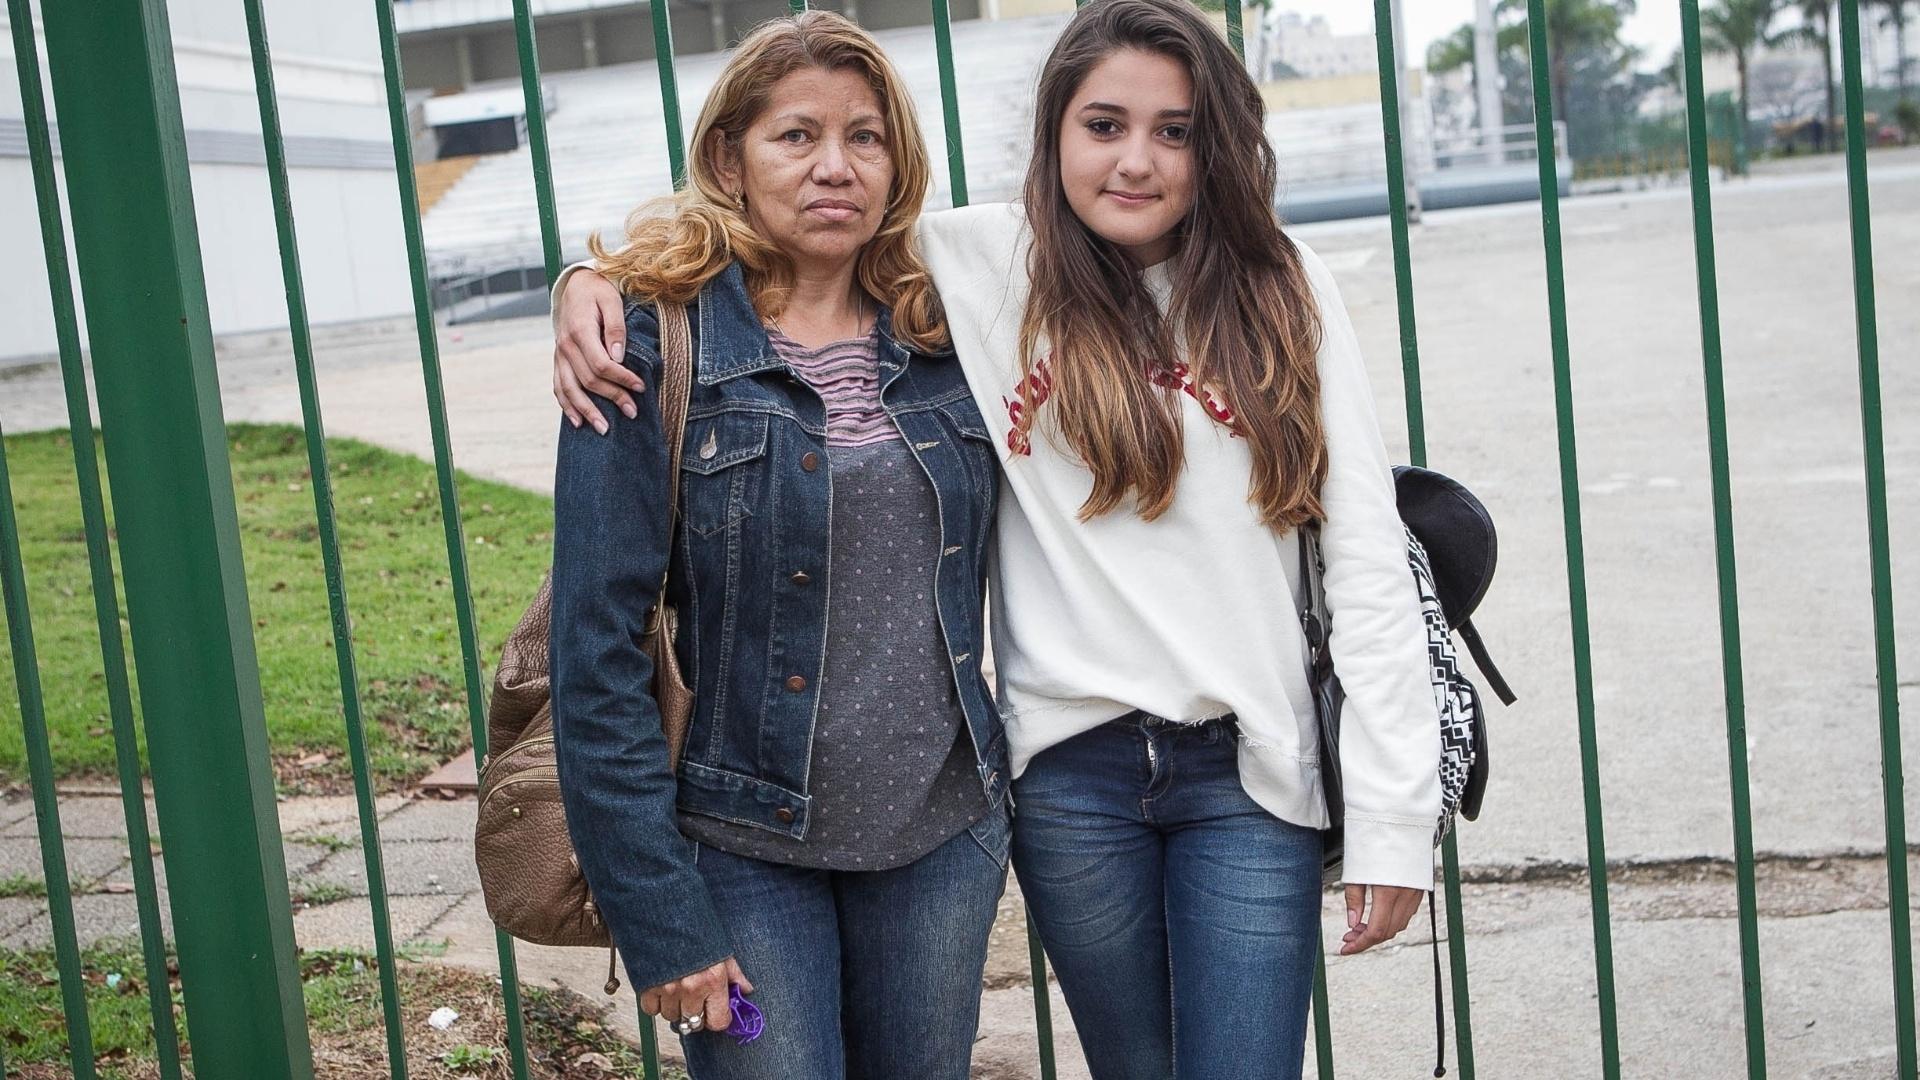 2.out.2013 - A mãe Cleonice Lucas acompanha a filha Larissa, de 14 anos, na porta do sambódromo do Anhembi para esperar a chegada do show de Justin Bieber